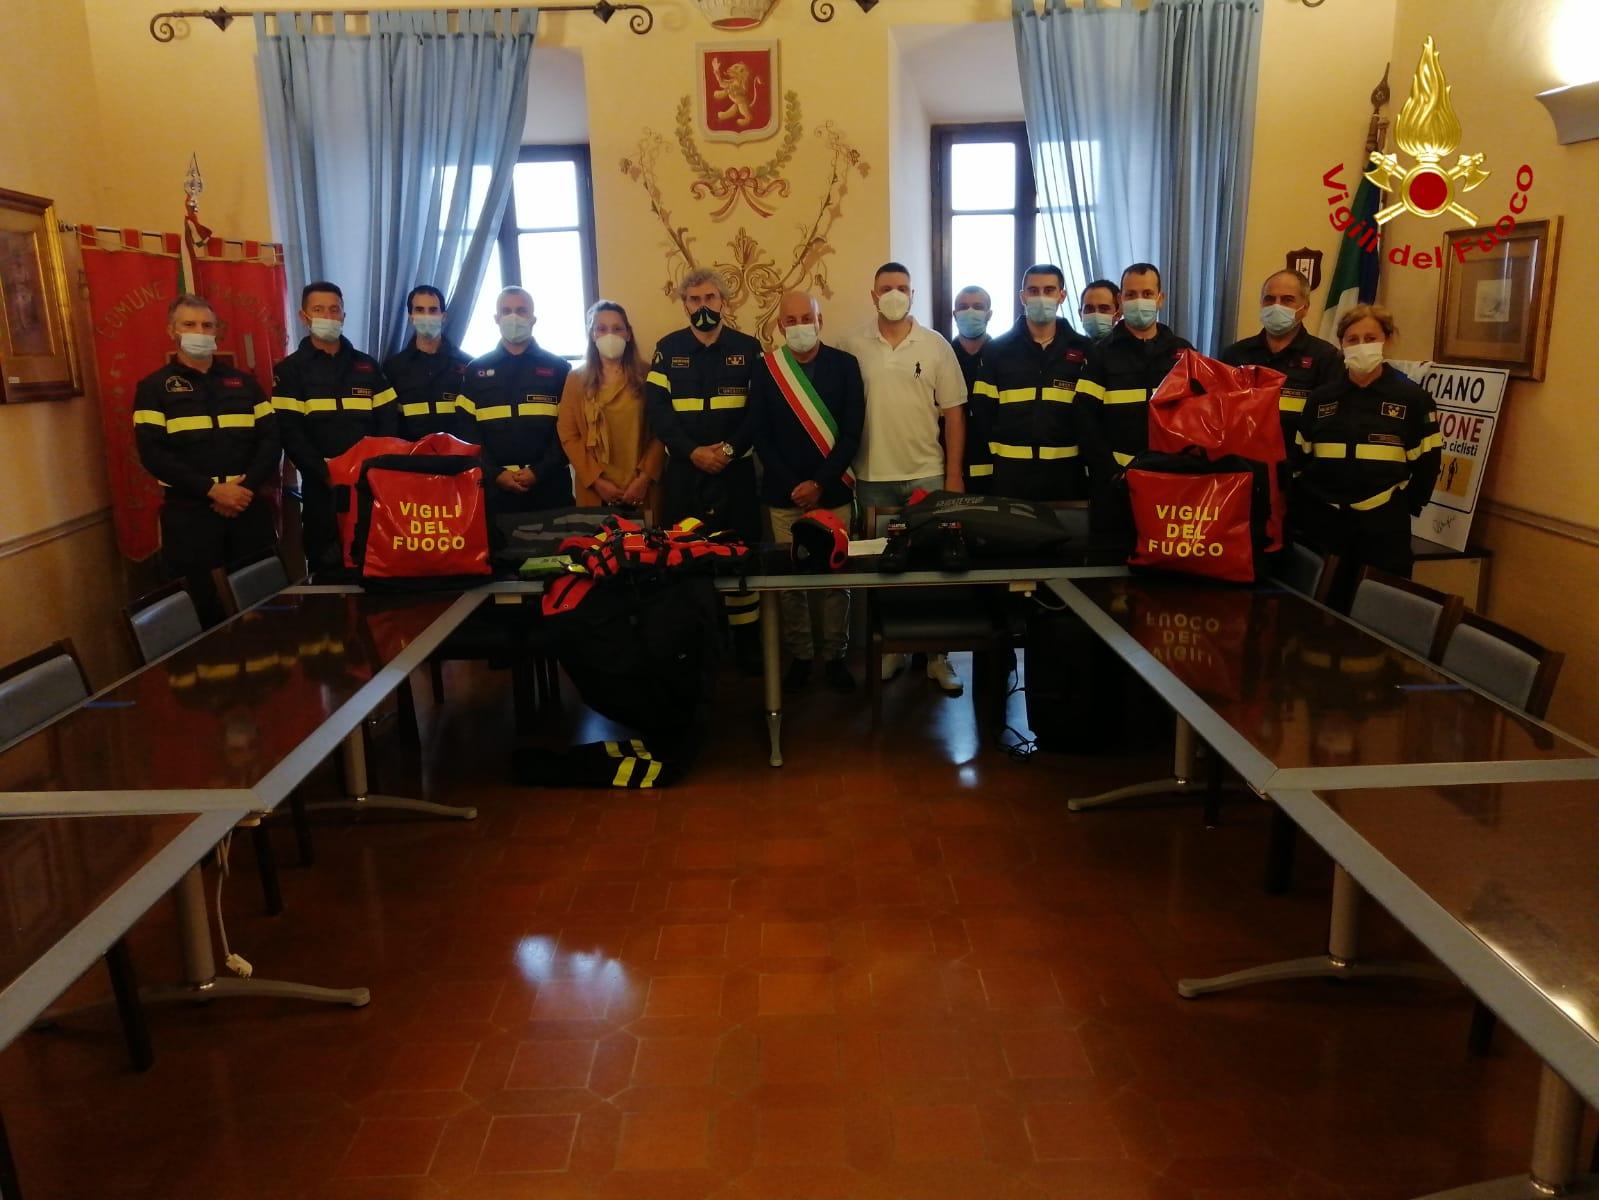 vigili-del-fuoco-comune-di-manciano-consegnate-le-attrezzature-per-la-protezione-in-ambiente-acquatico